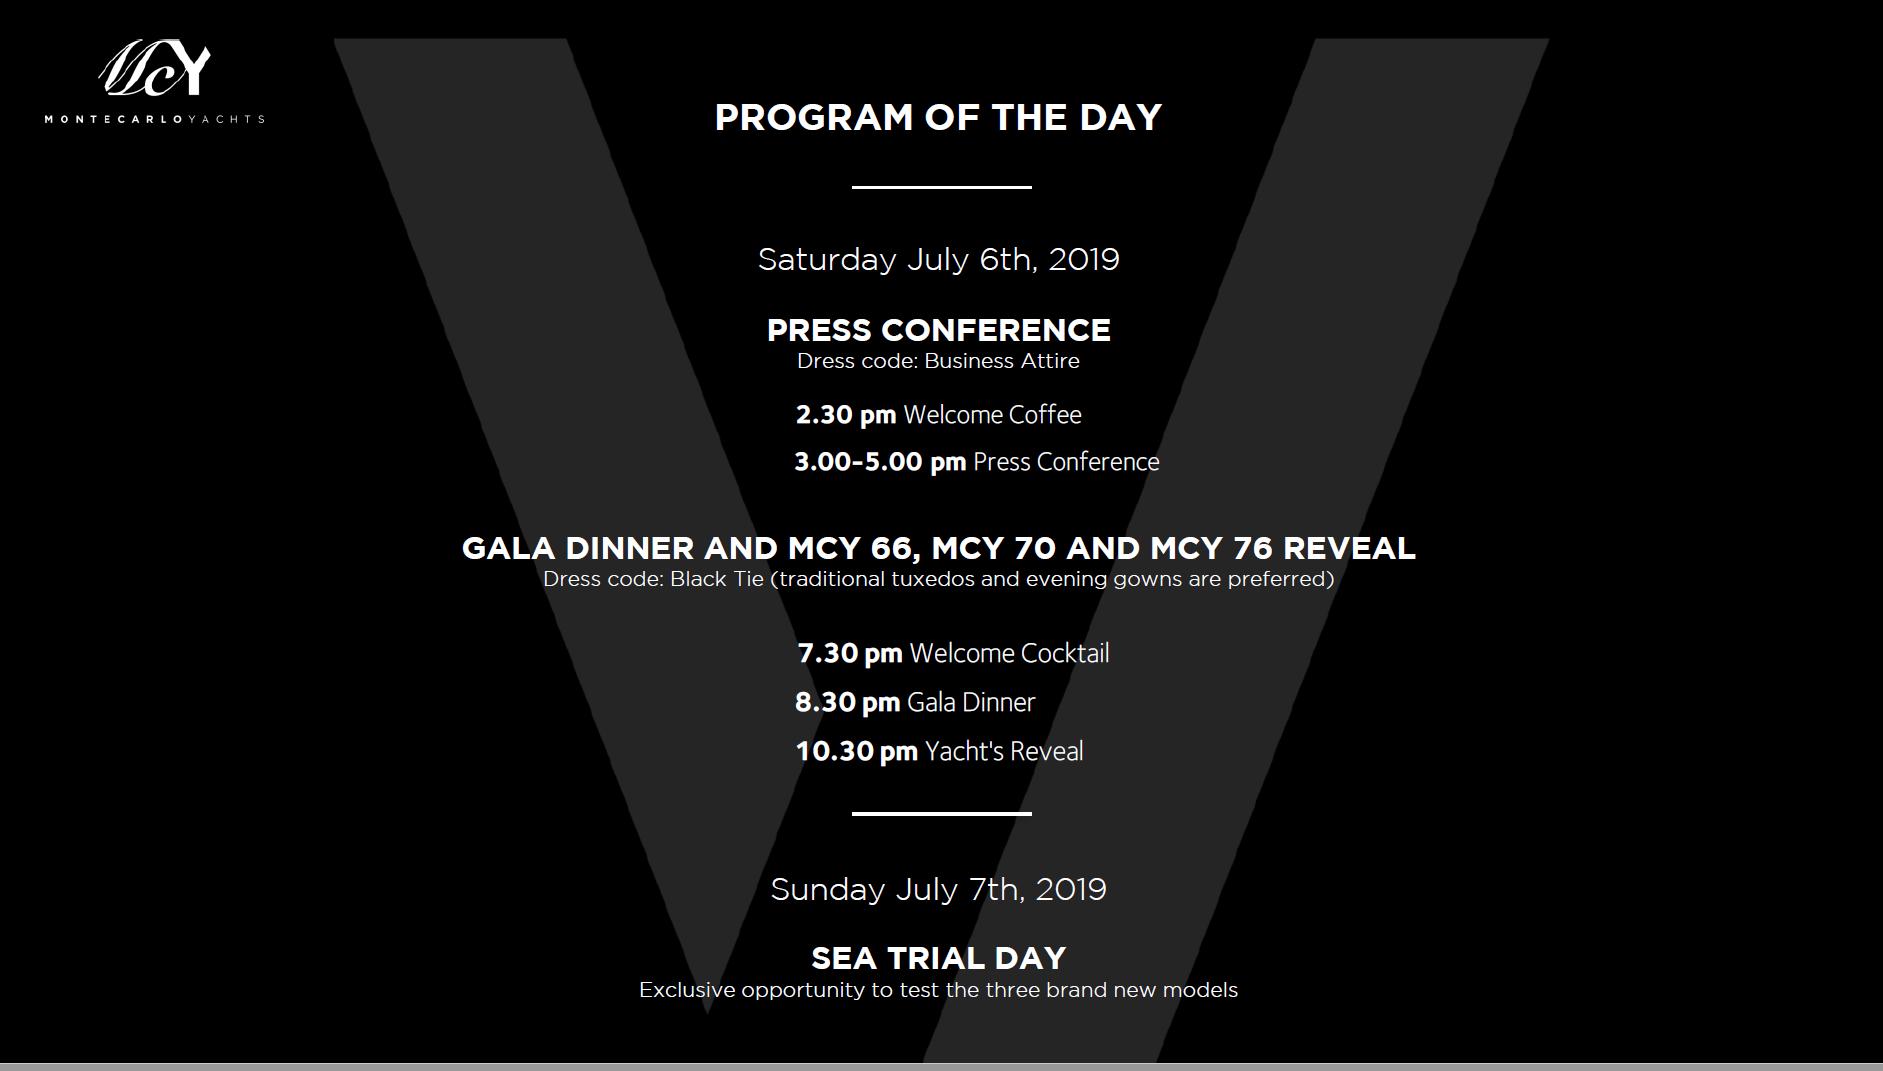 MCY program